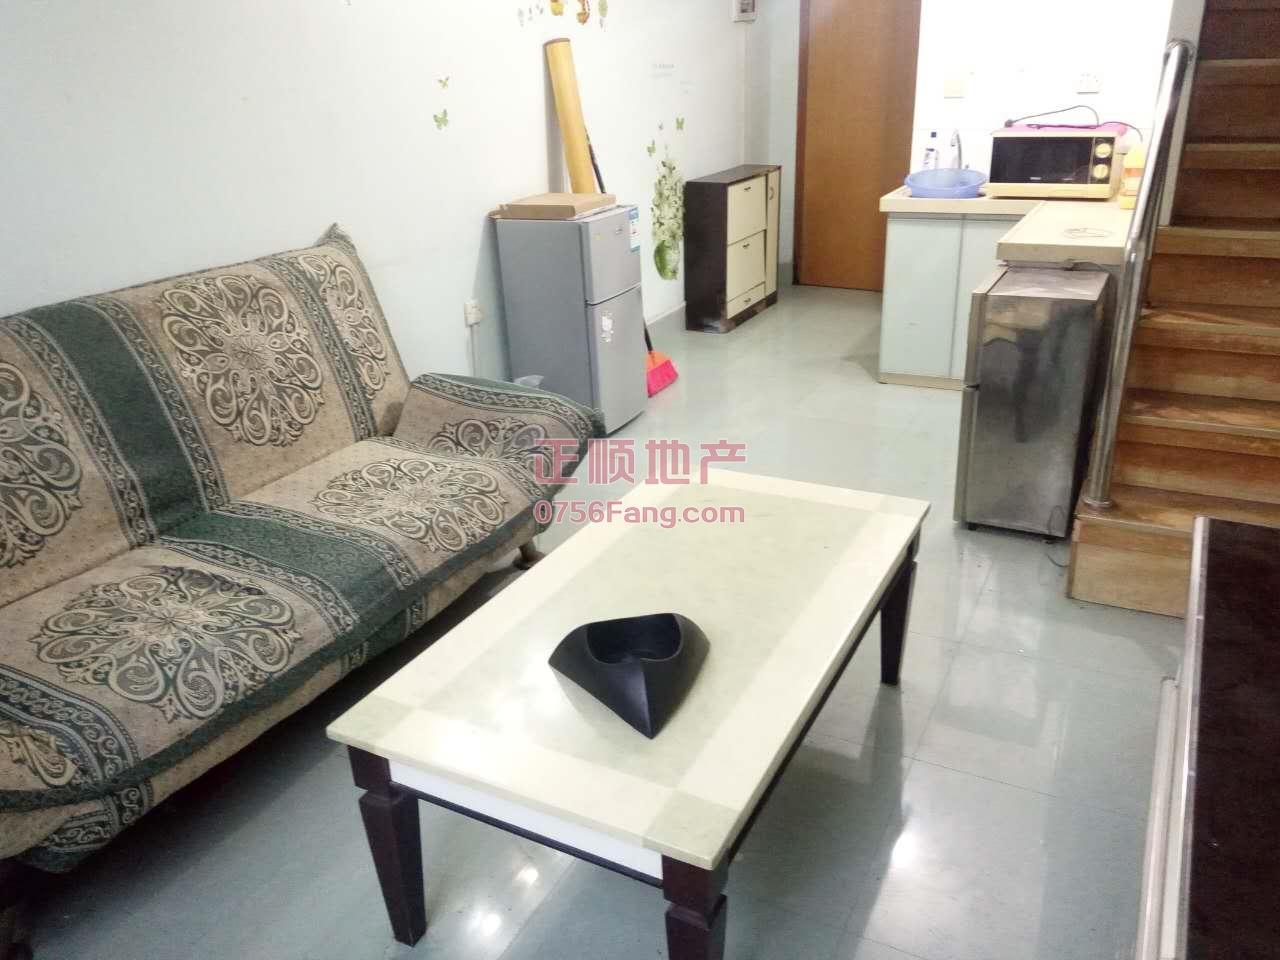 新香洲 不限购不限贷 西海花园公寓 可做办公